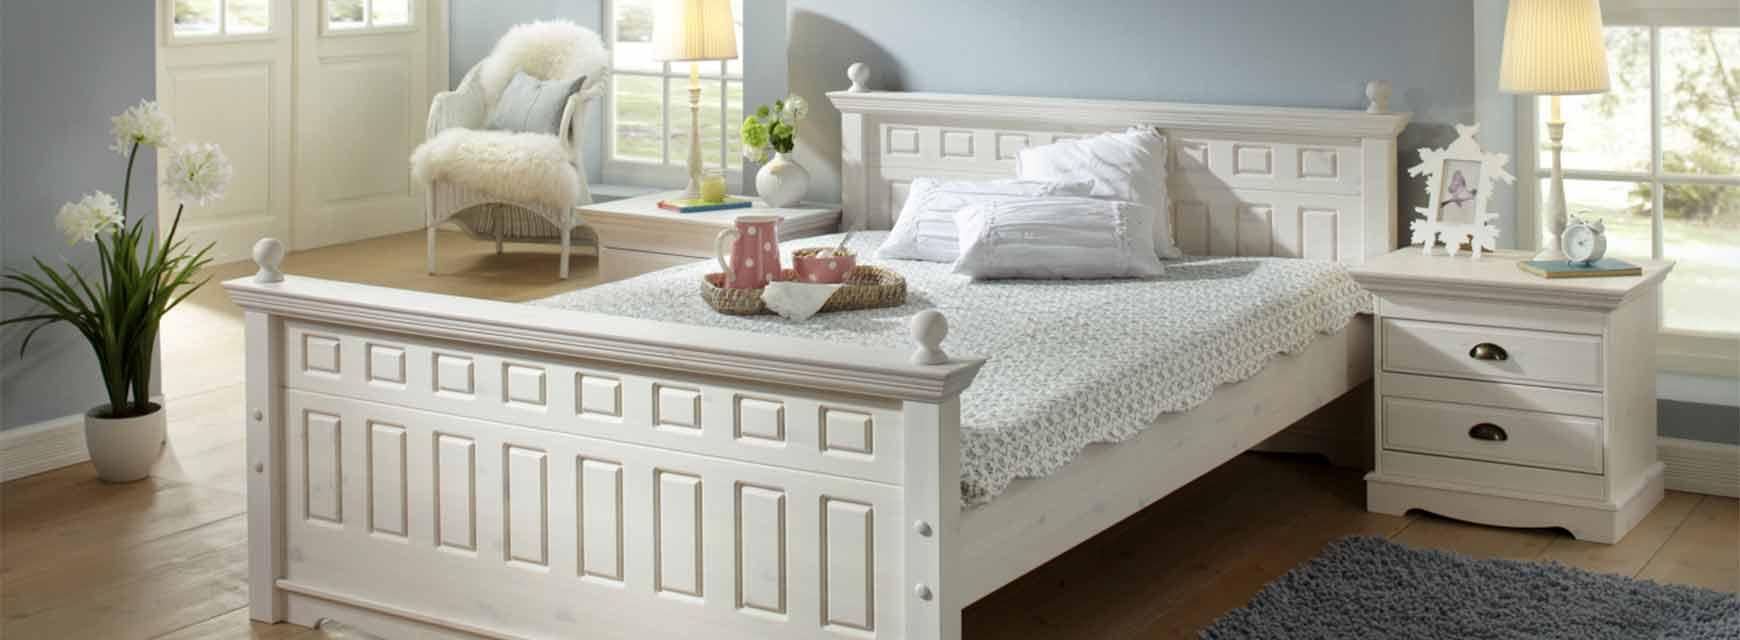 Full Size of Amerikanisches Bett Bettgestell Mit Vielen Kissen Hoch Selber Bauen Bettzeug King Size Kaufen Beziehen Amerikanische Betten Holz Minion Bettkasten Futon 120 Cm Bett Amerikanisches Bett